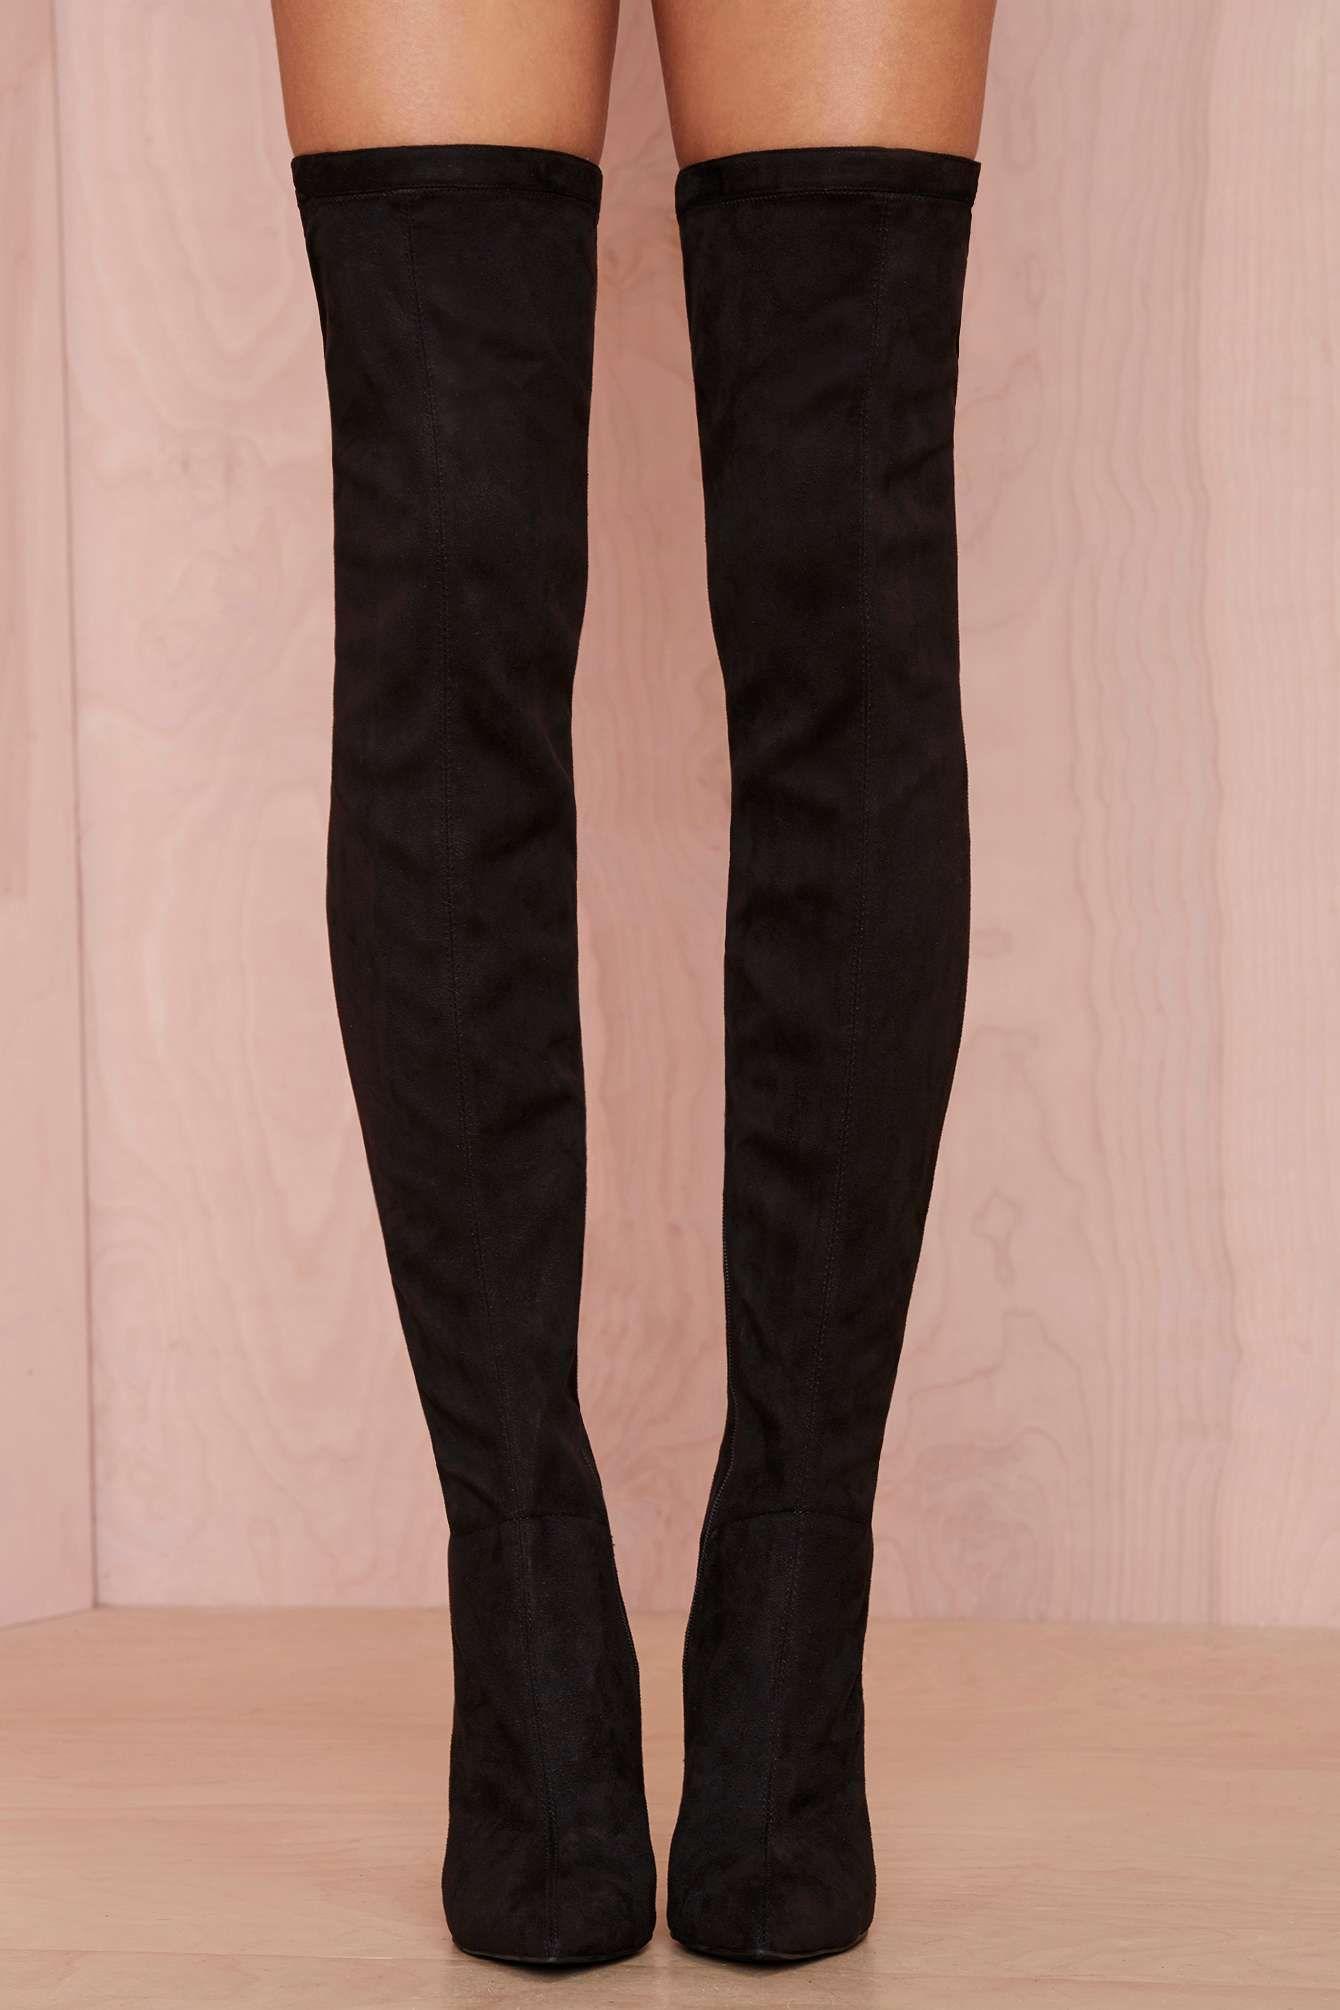 Shop Thigh High Boots